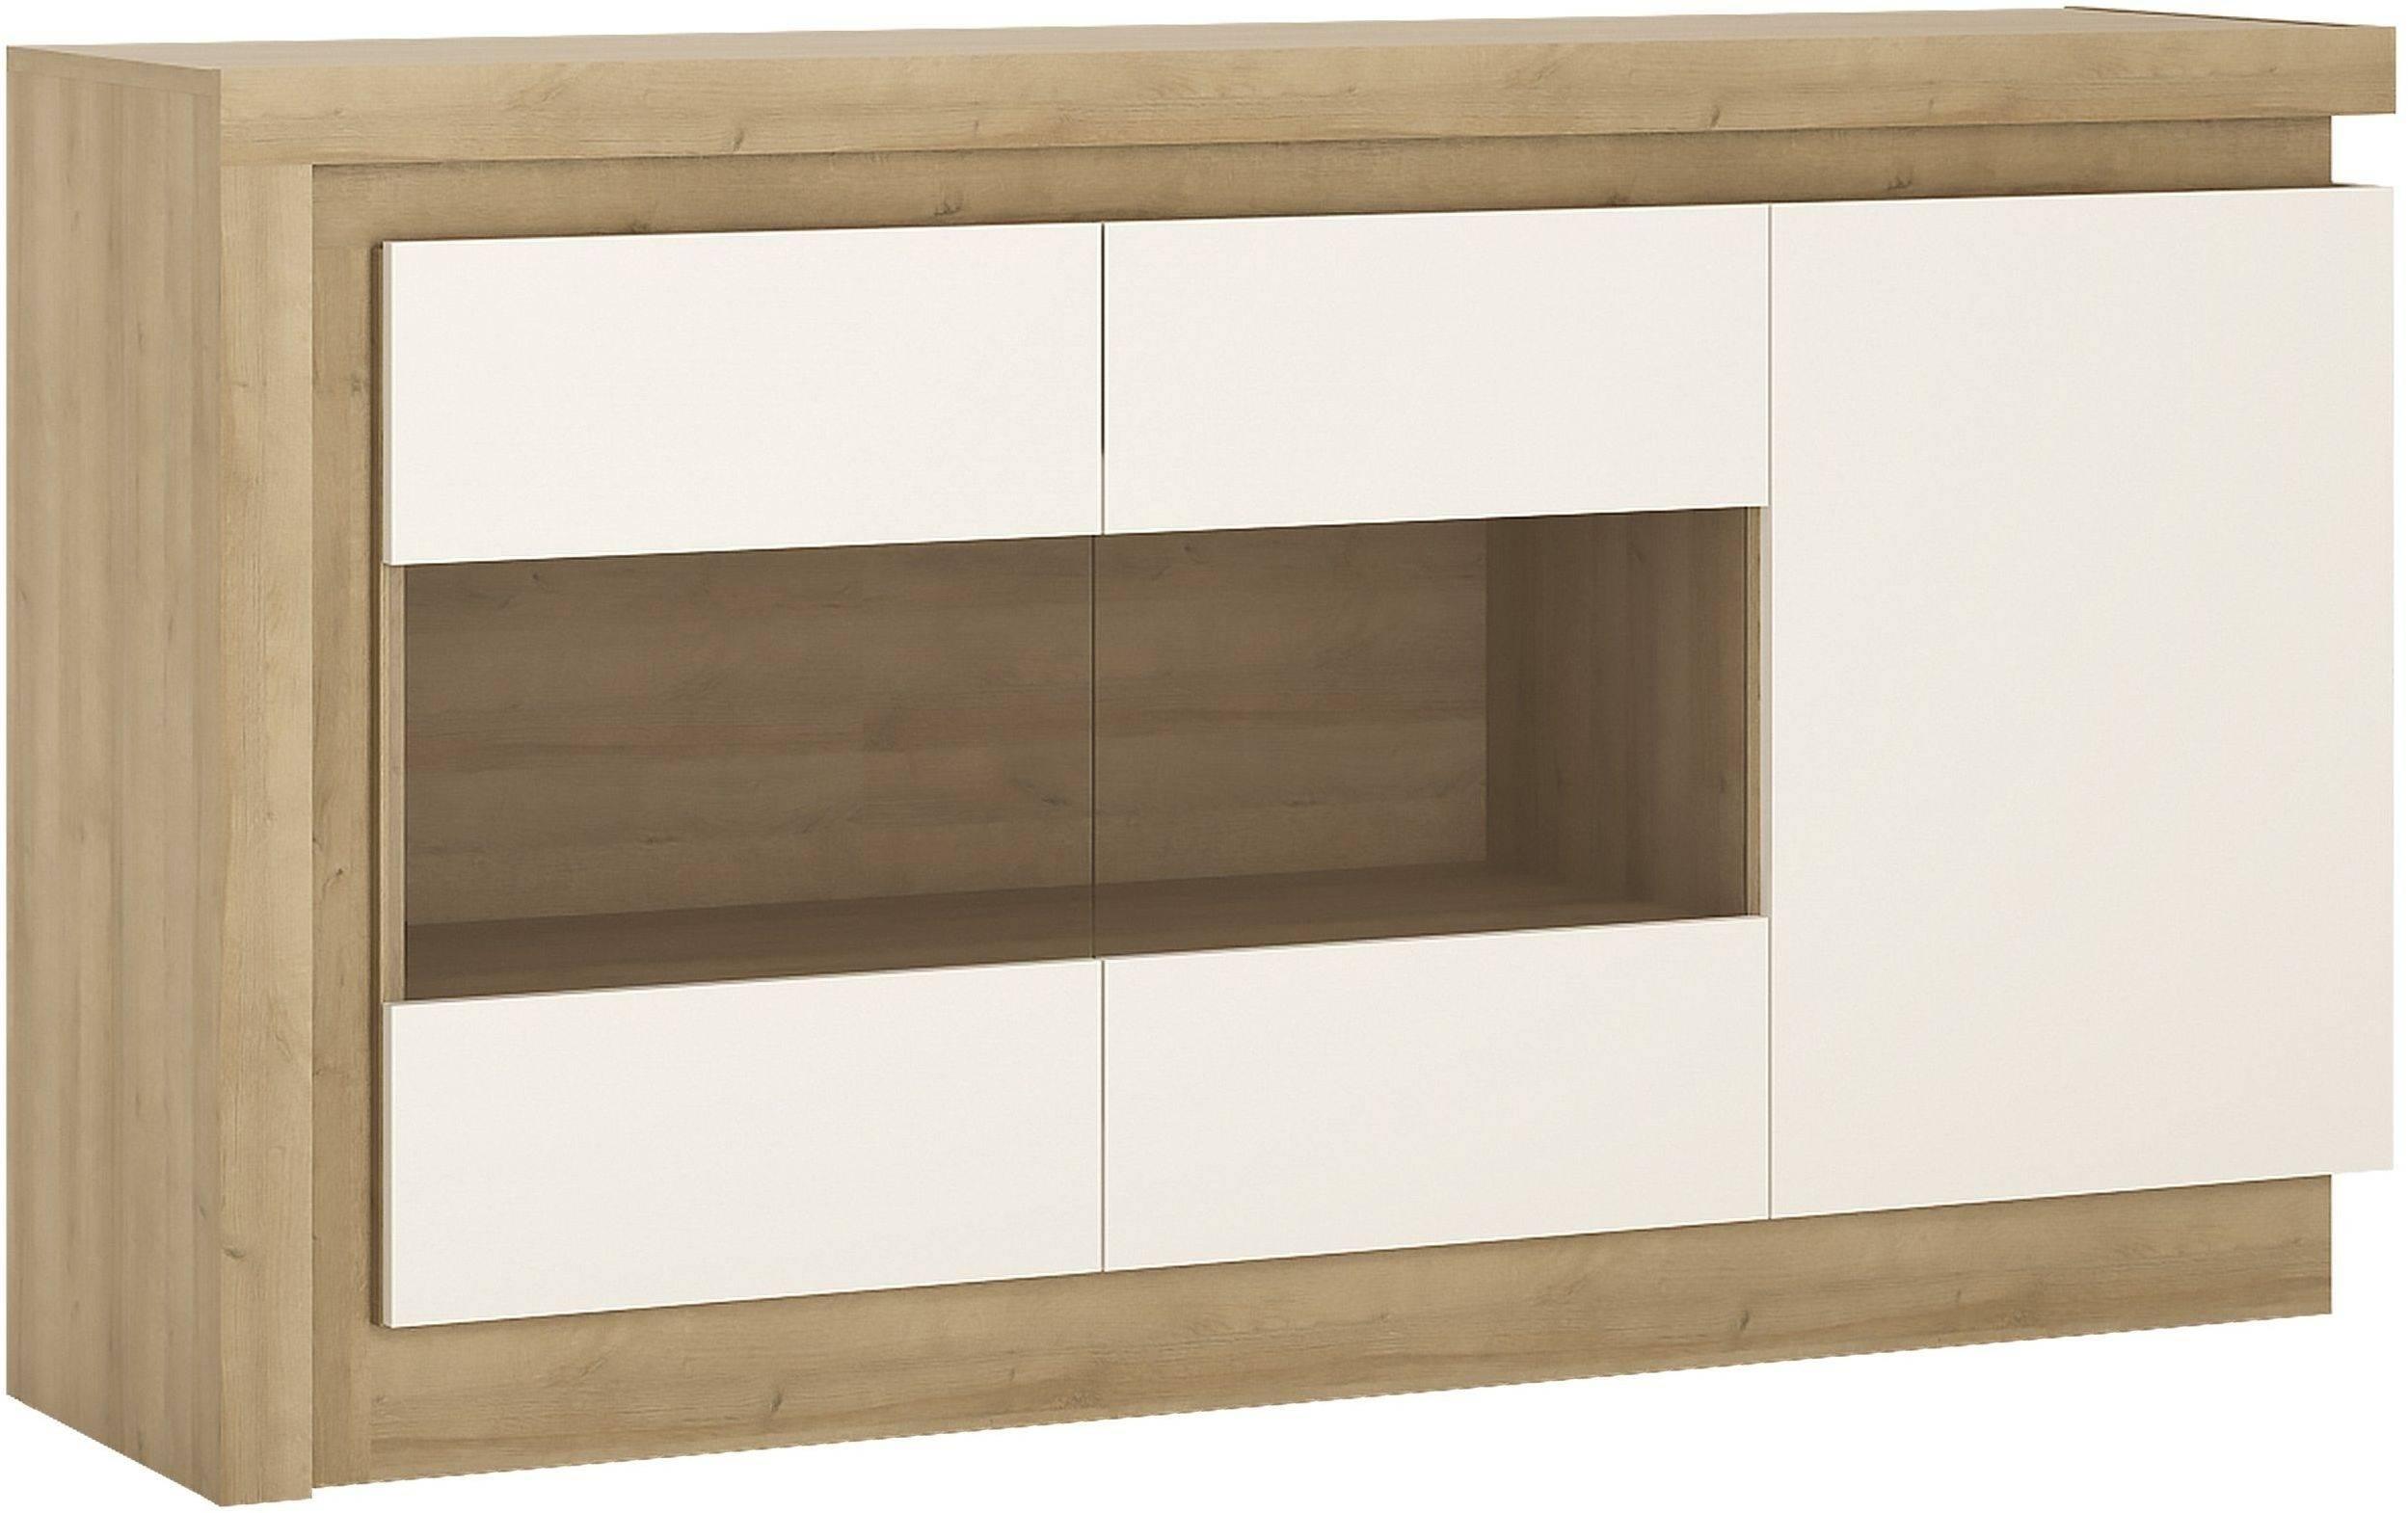 Buy Lyon Riviera Oak And White High Gloss Sideboard – 3 Door In White High Gloss Sideboard (#4 of 20)